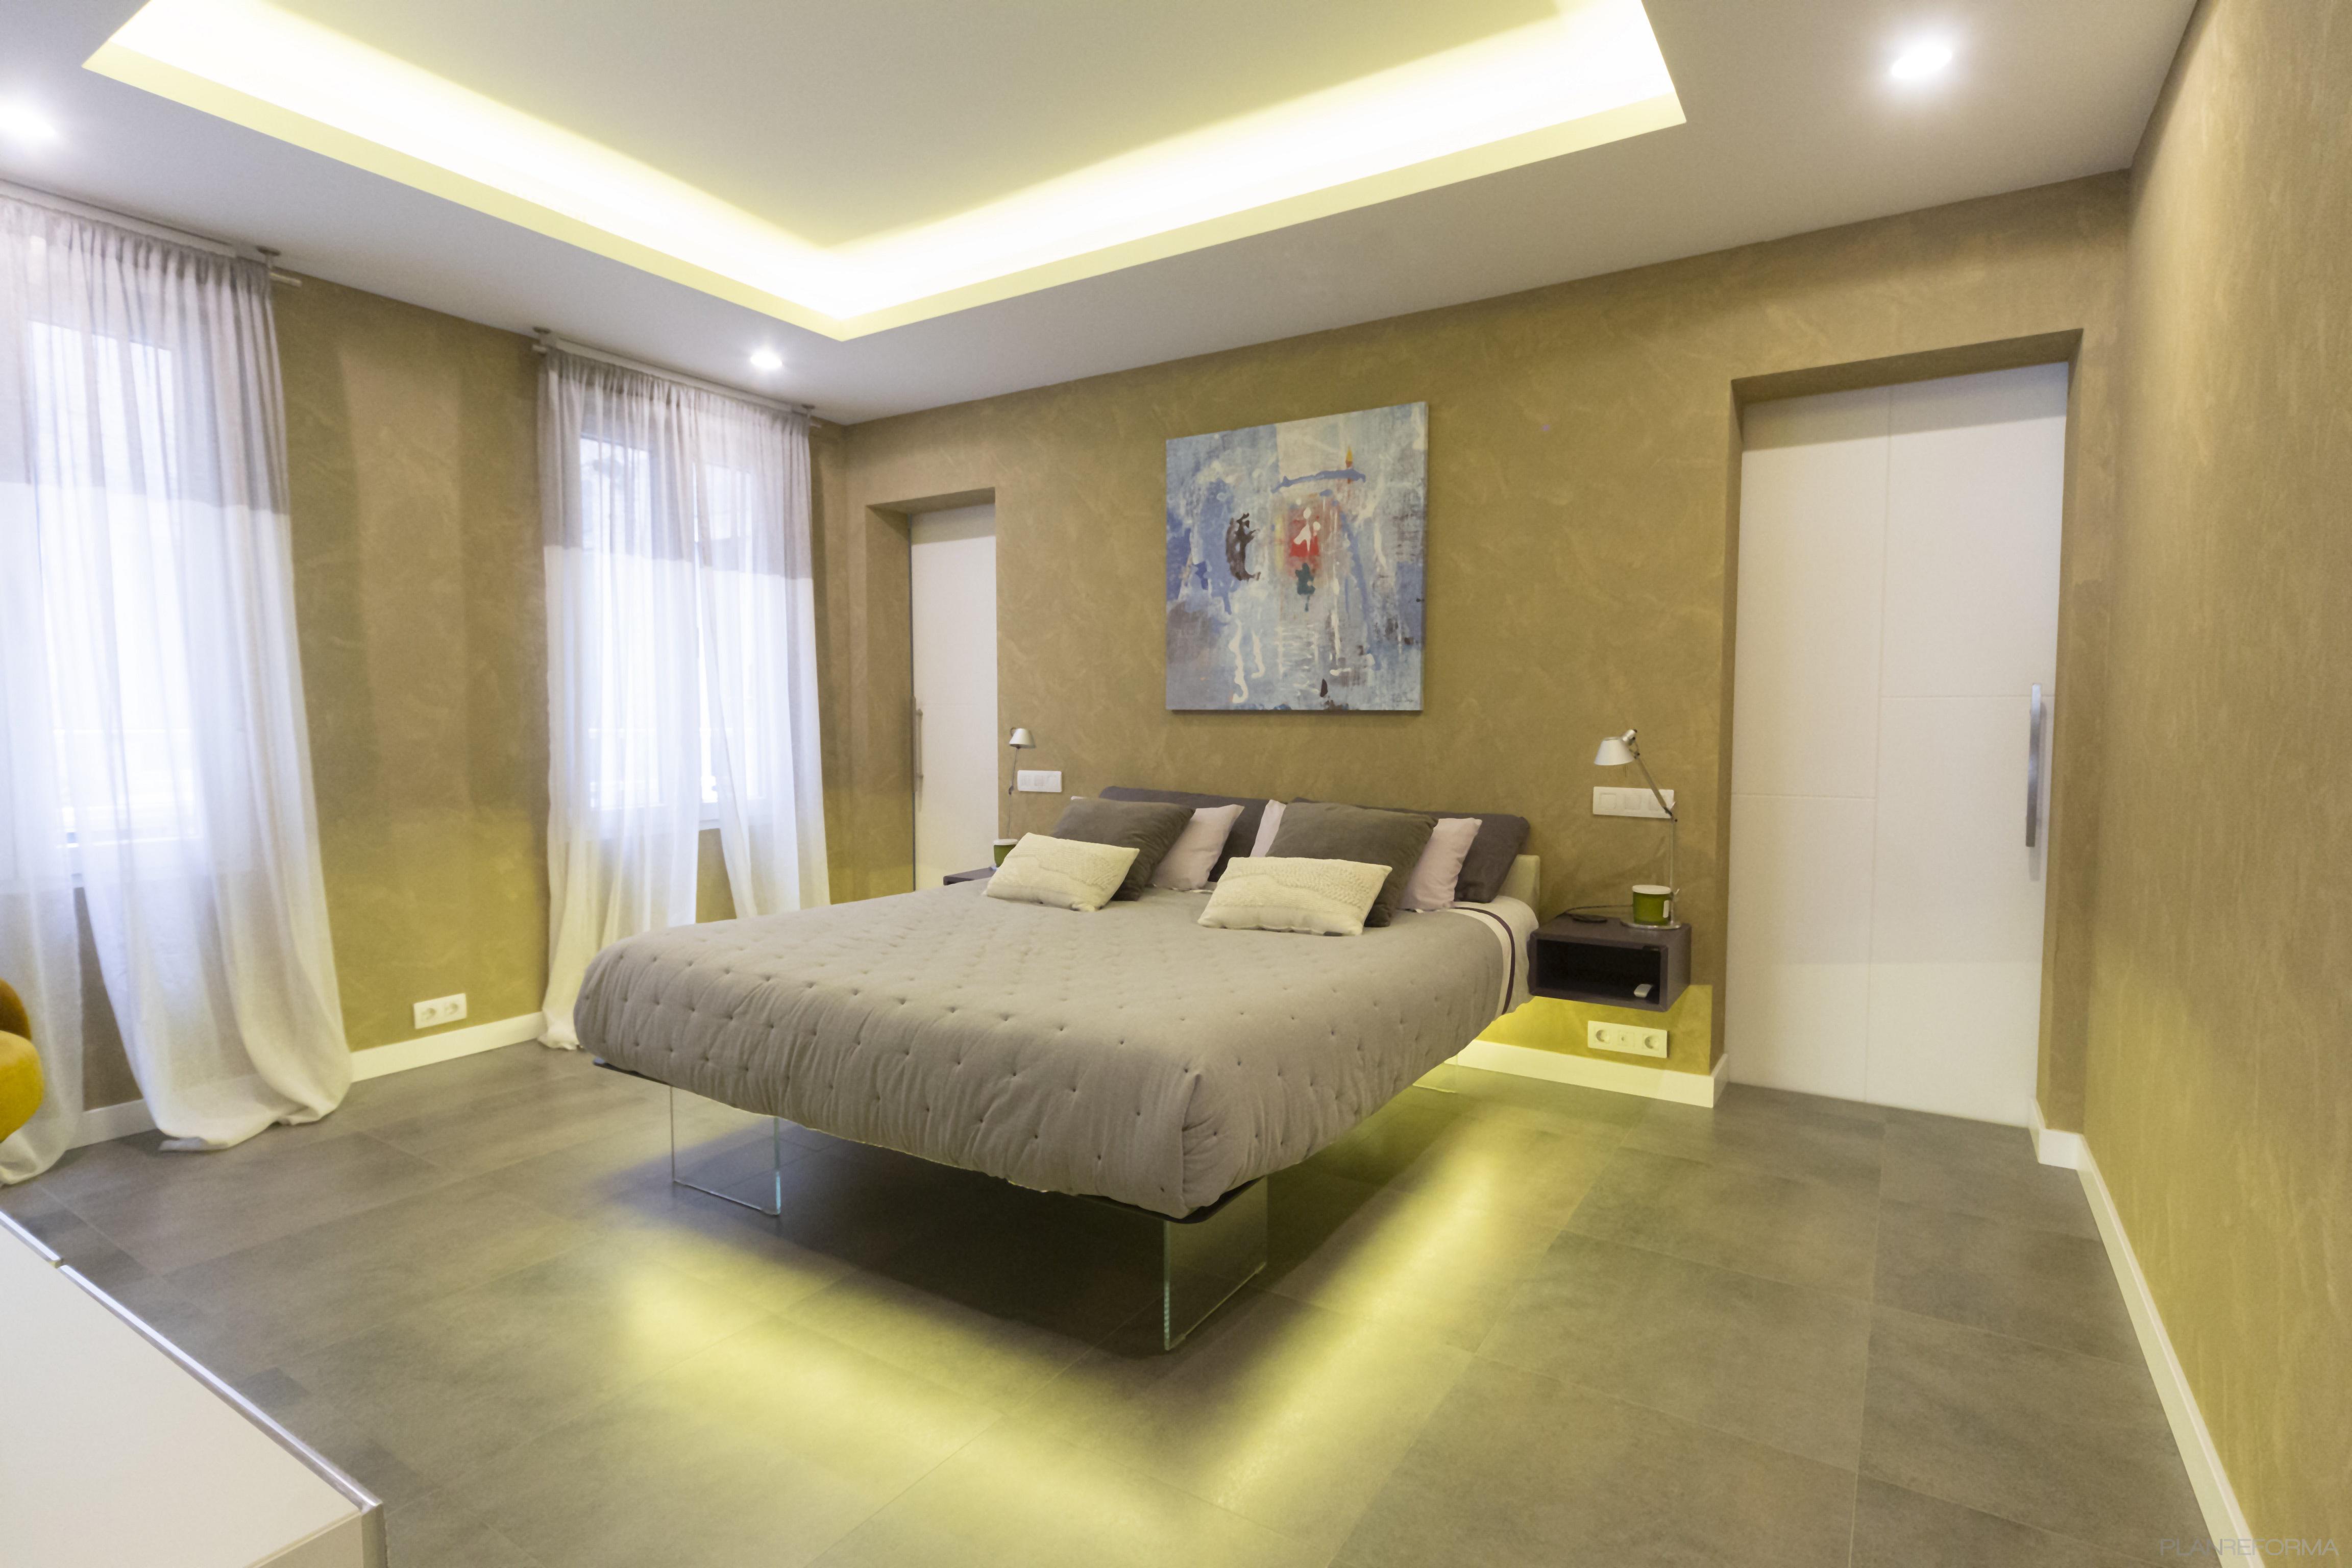 Dormitorio Estilo moderno Color marron, gris, gris  diseñado por Galera | Gremio | Copyright Galera